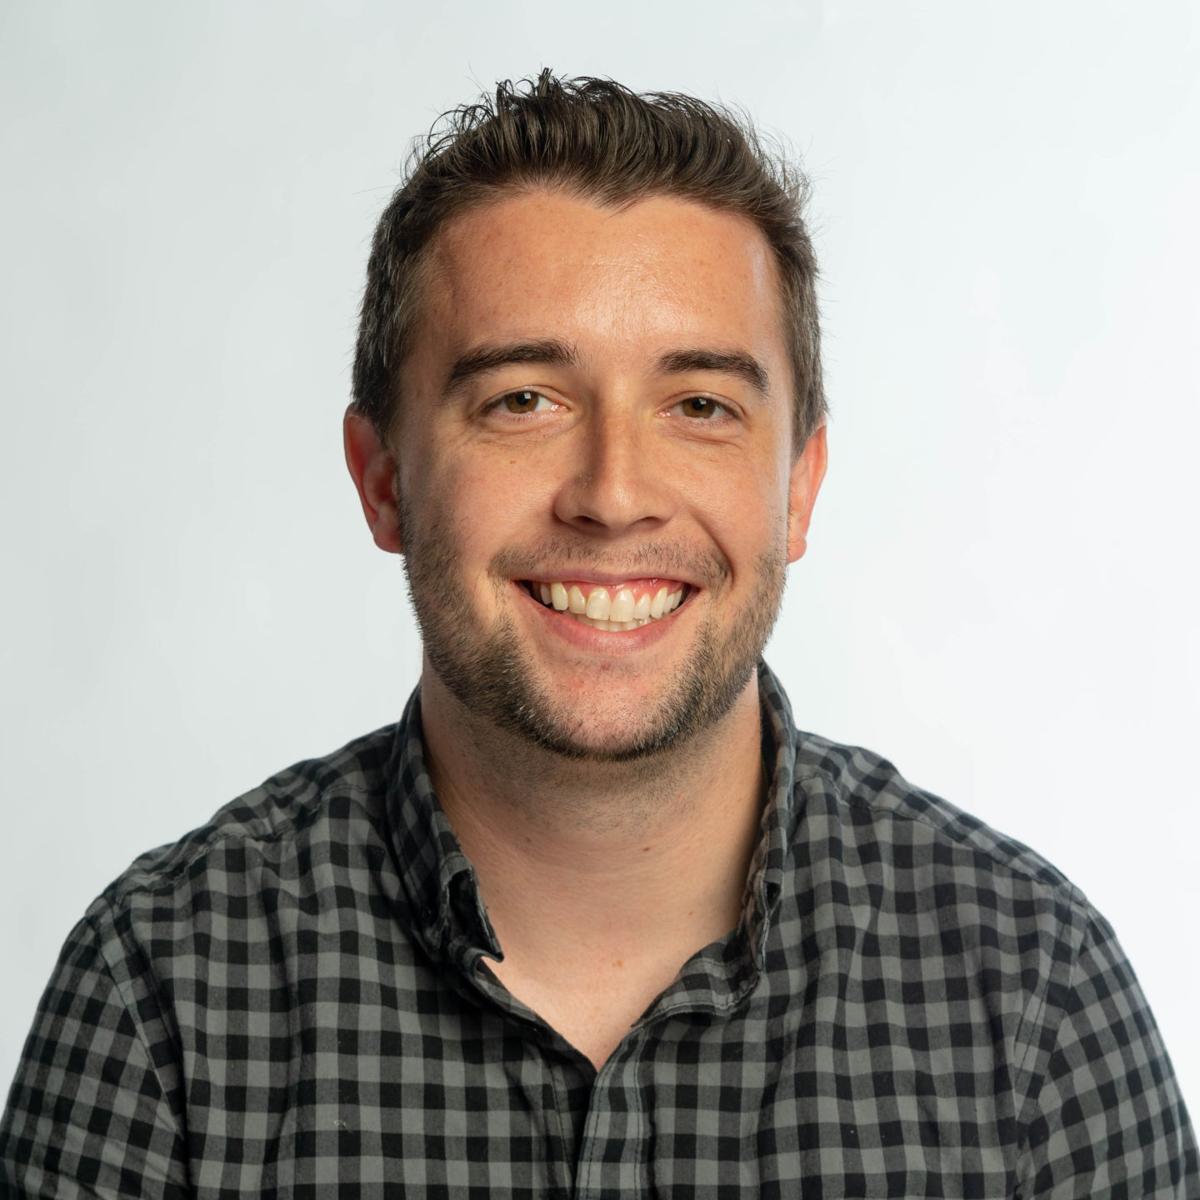 Scott Gleeson